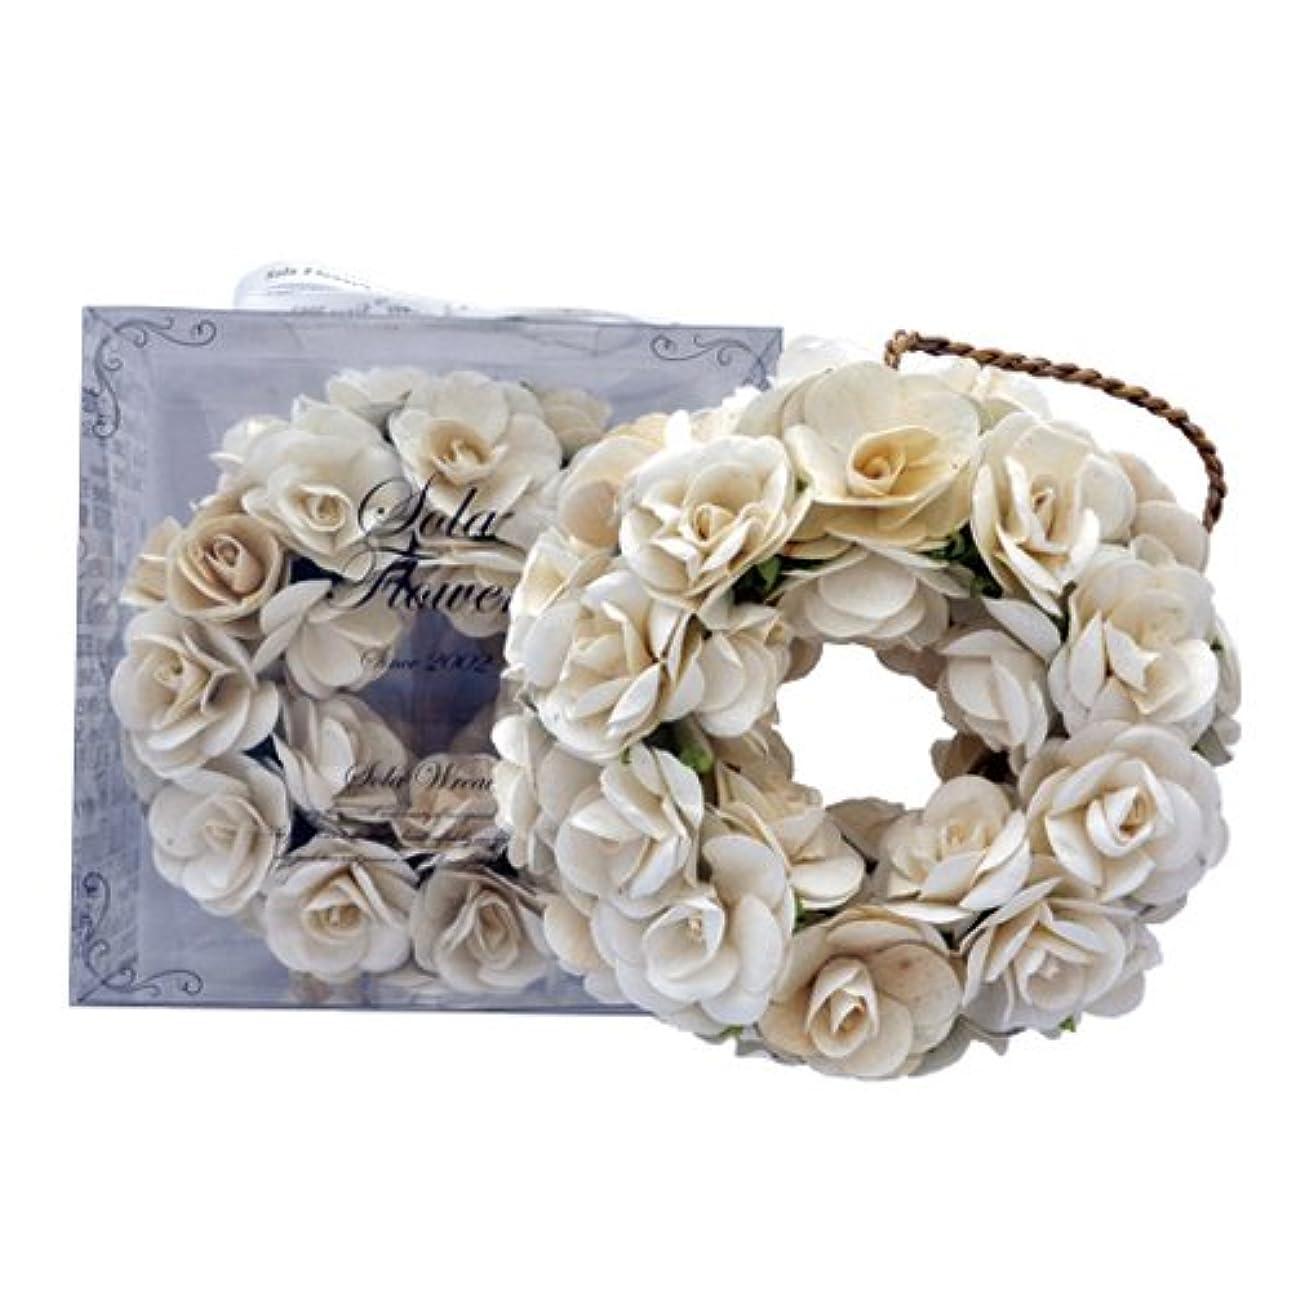 サージキー技術者new Sola Flower ソラフラワー リース Original Rose オリジナルローズ Wreath